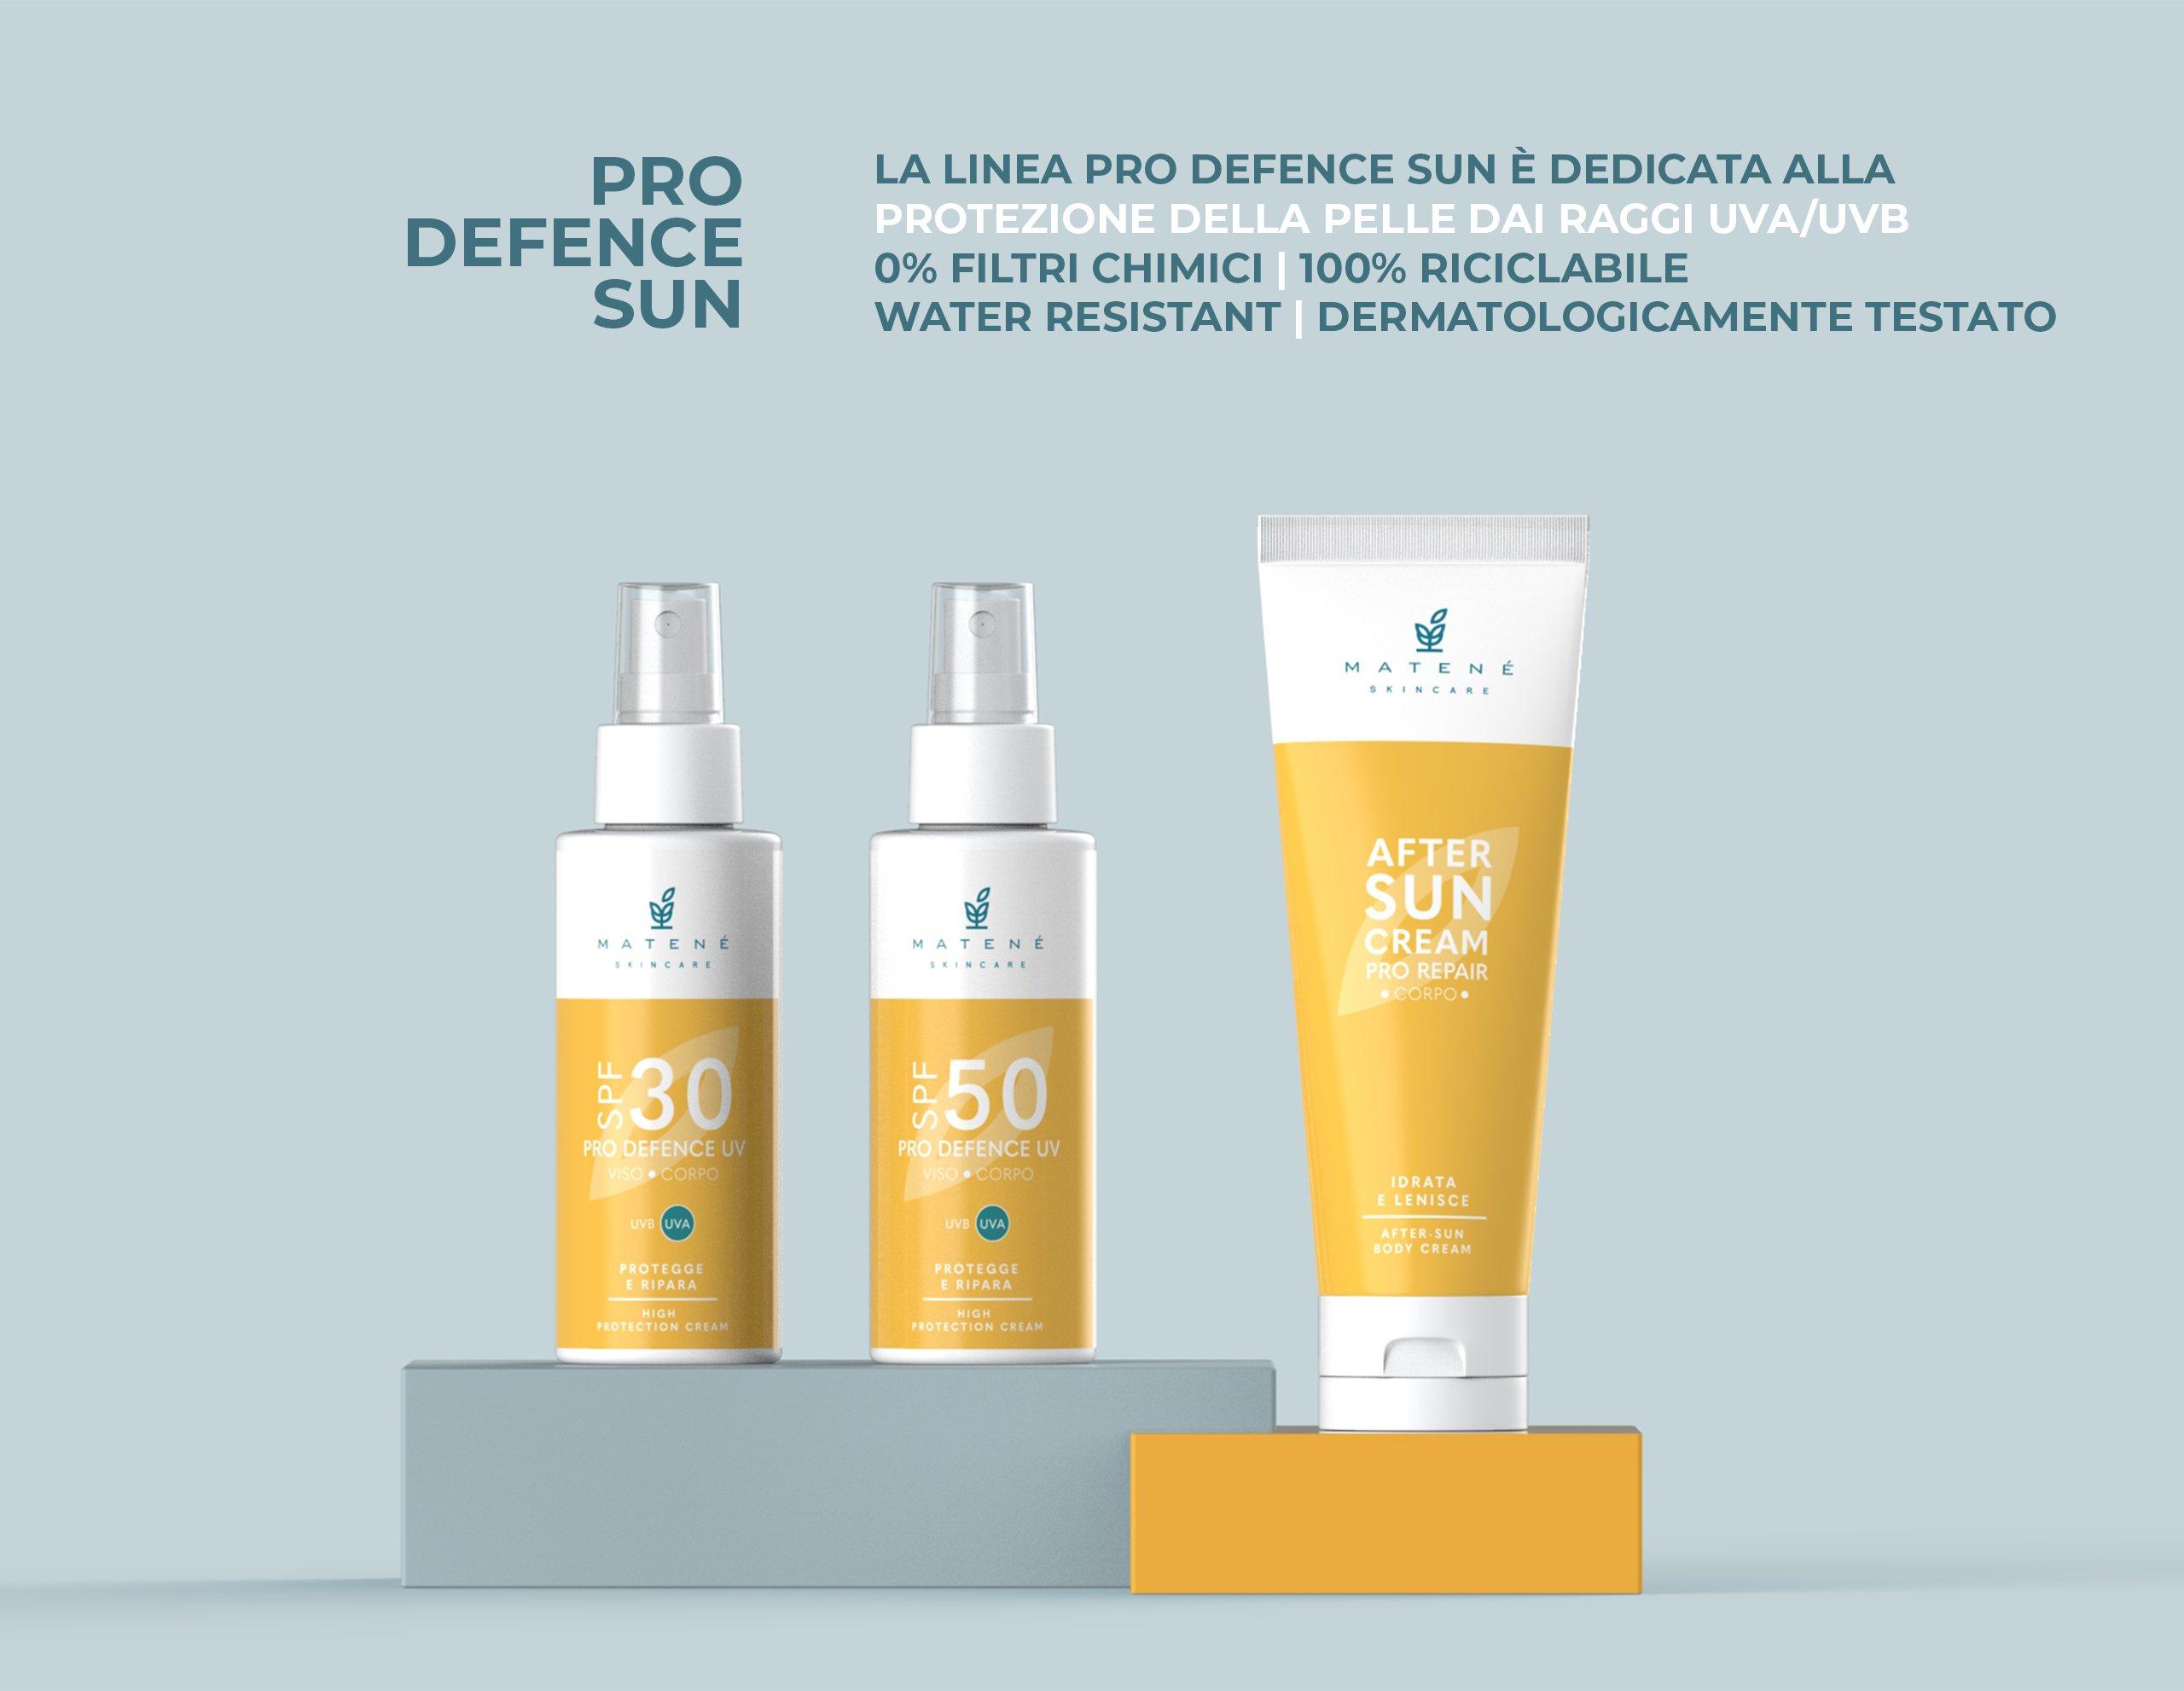 Pro Defence Sun